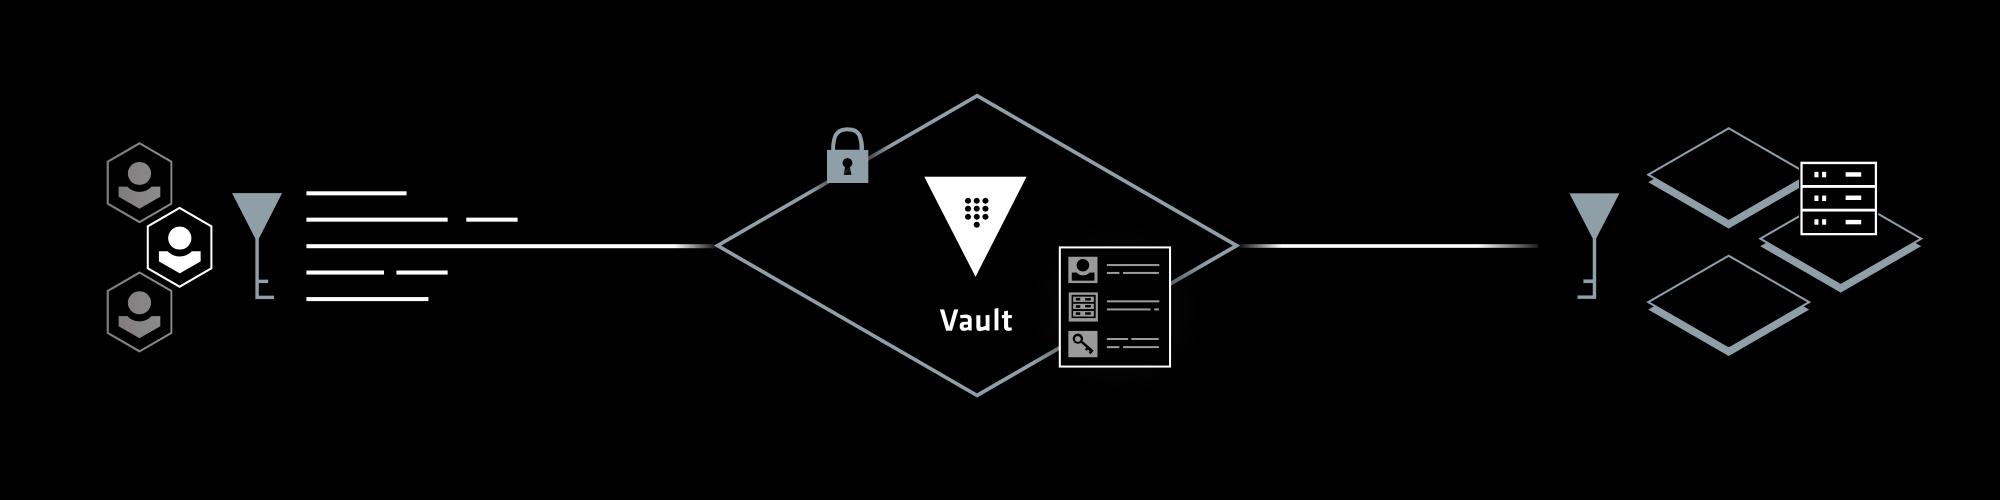 Azure AD OIDC auth in HashiCorp Vault using Terraform